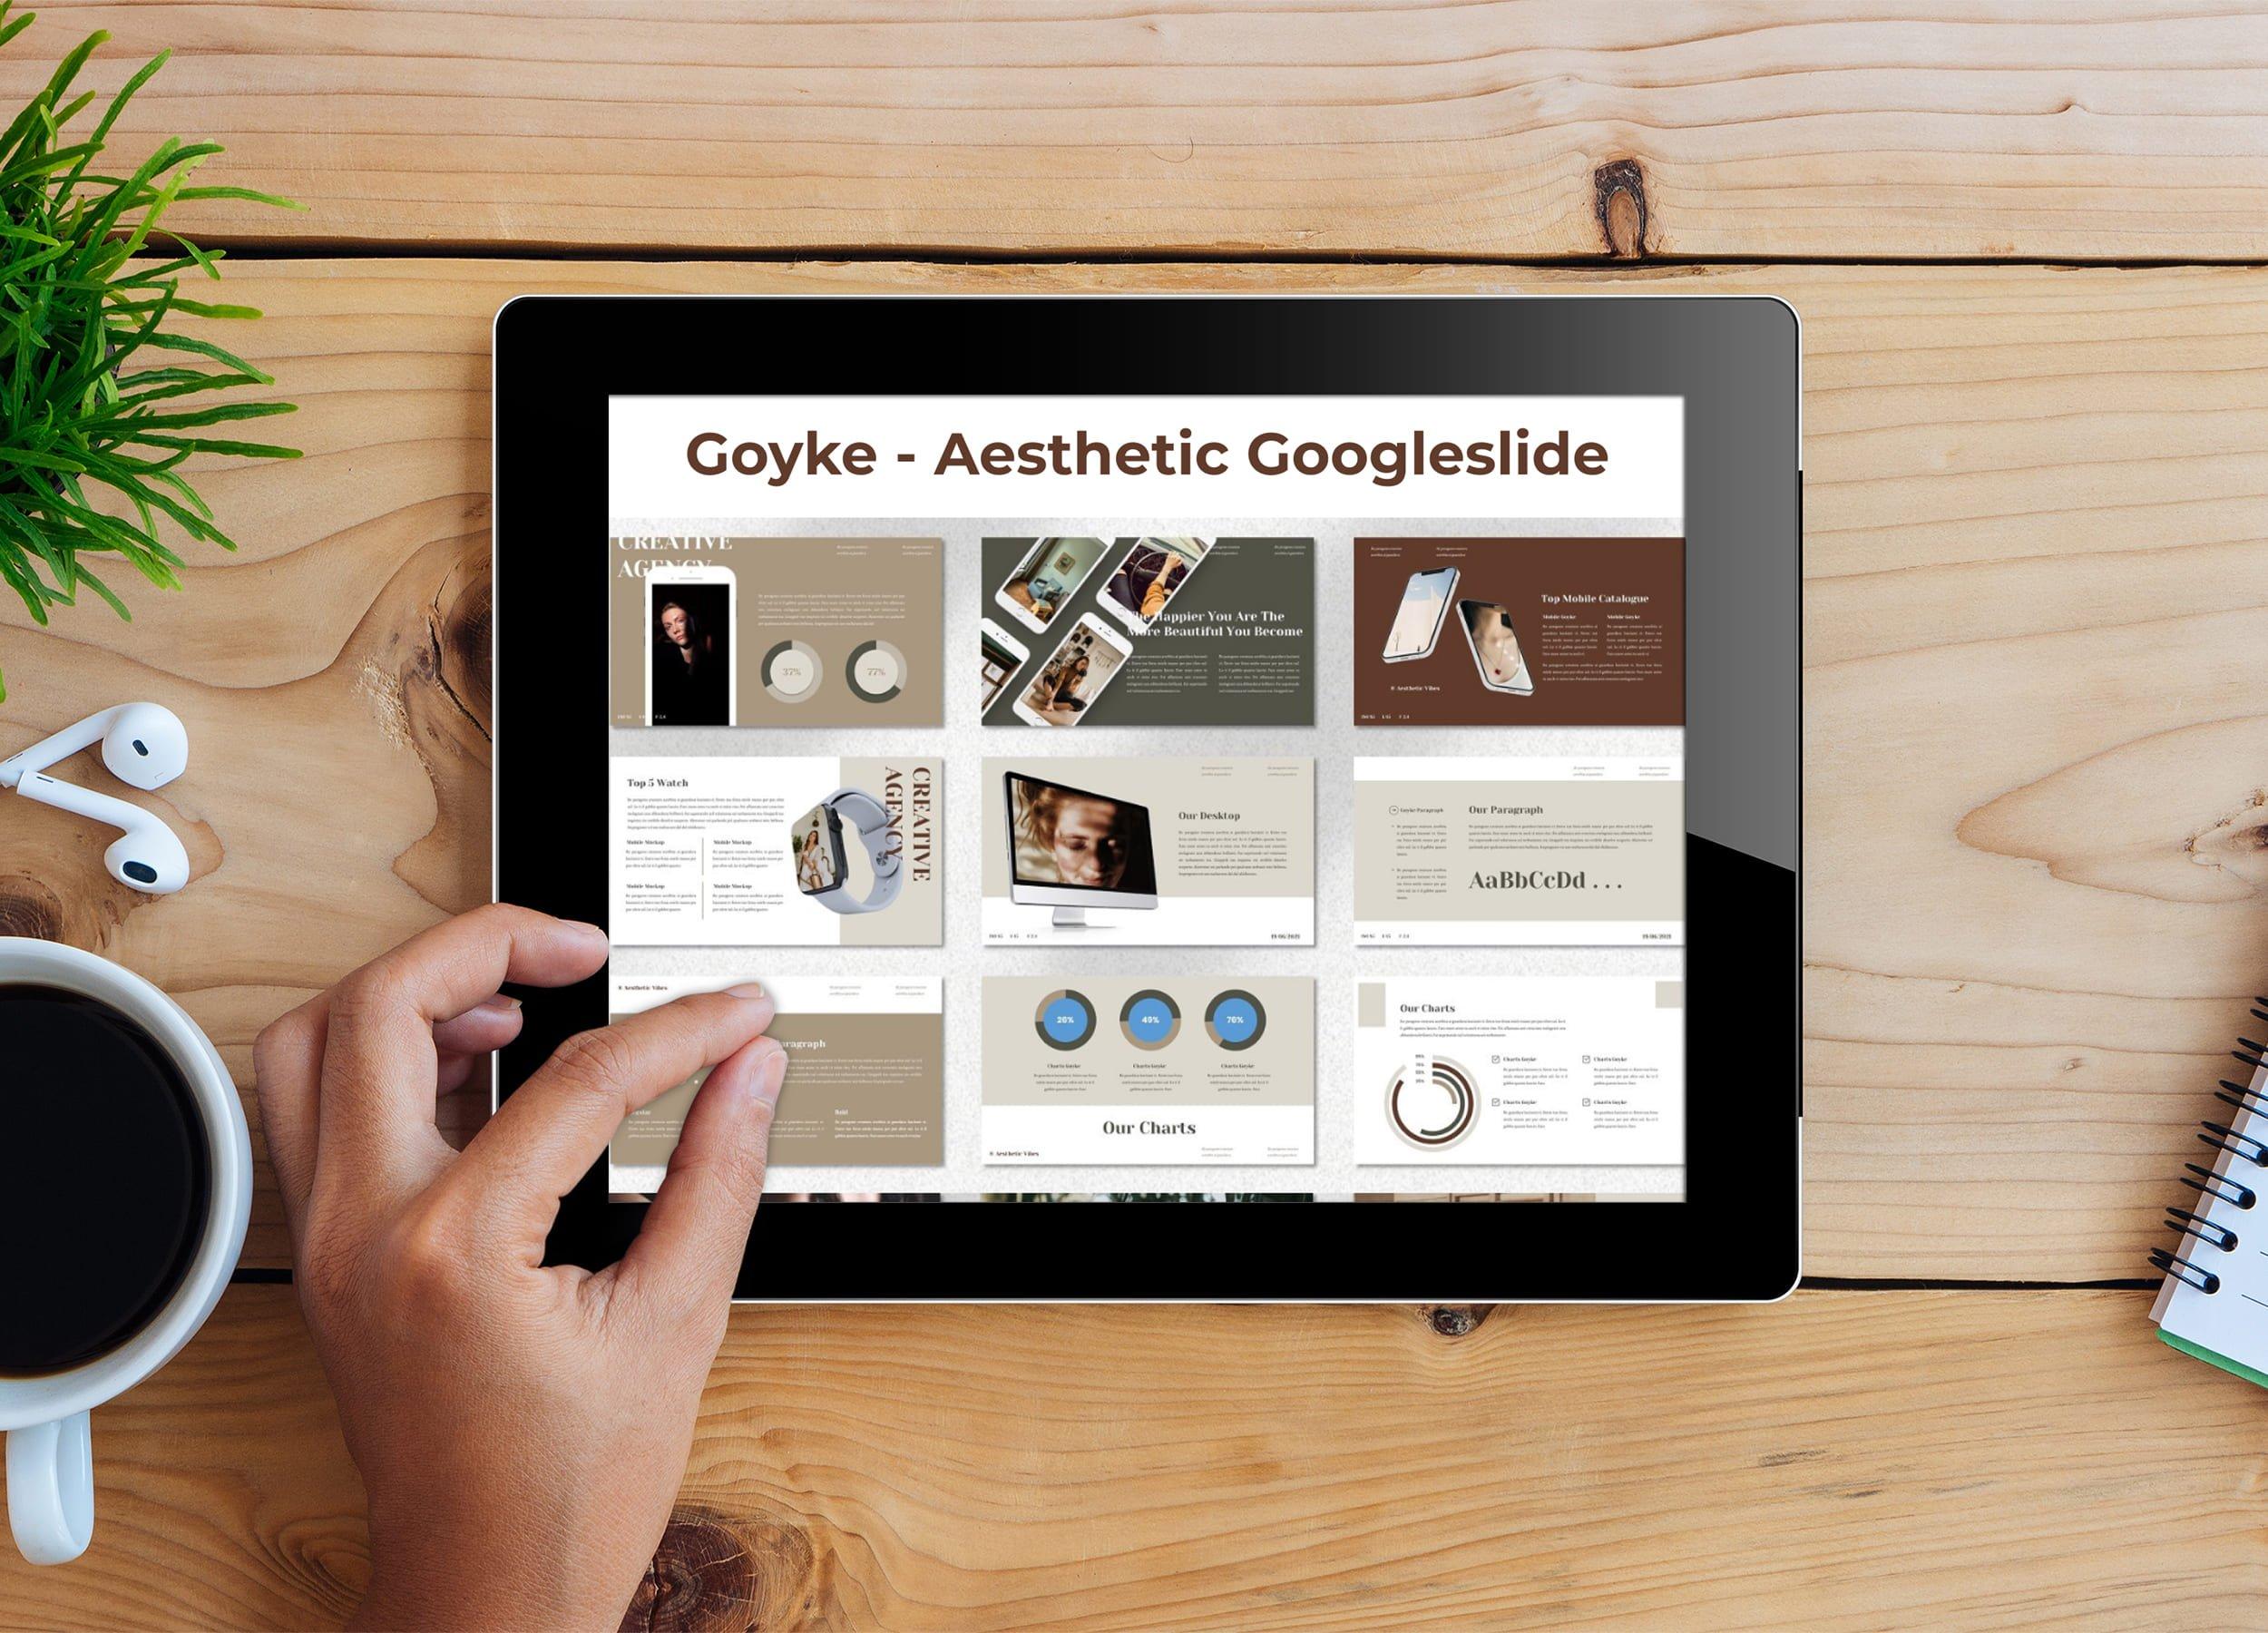 Tablet option of the Goyke - Aesthetic Googleslide.